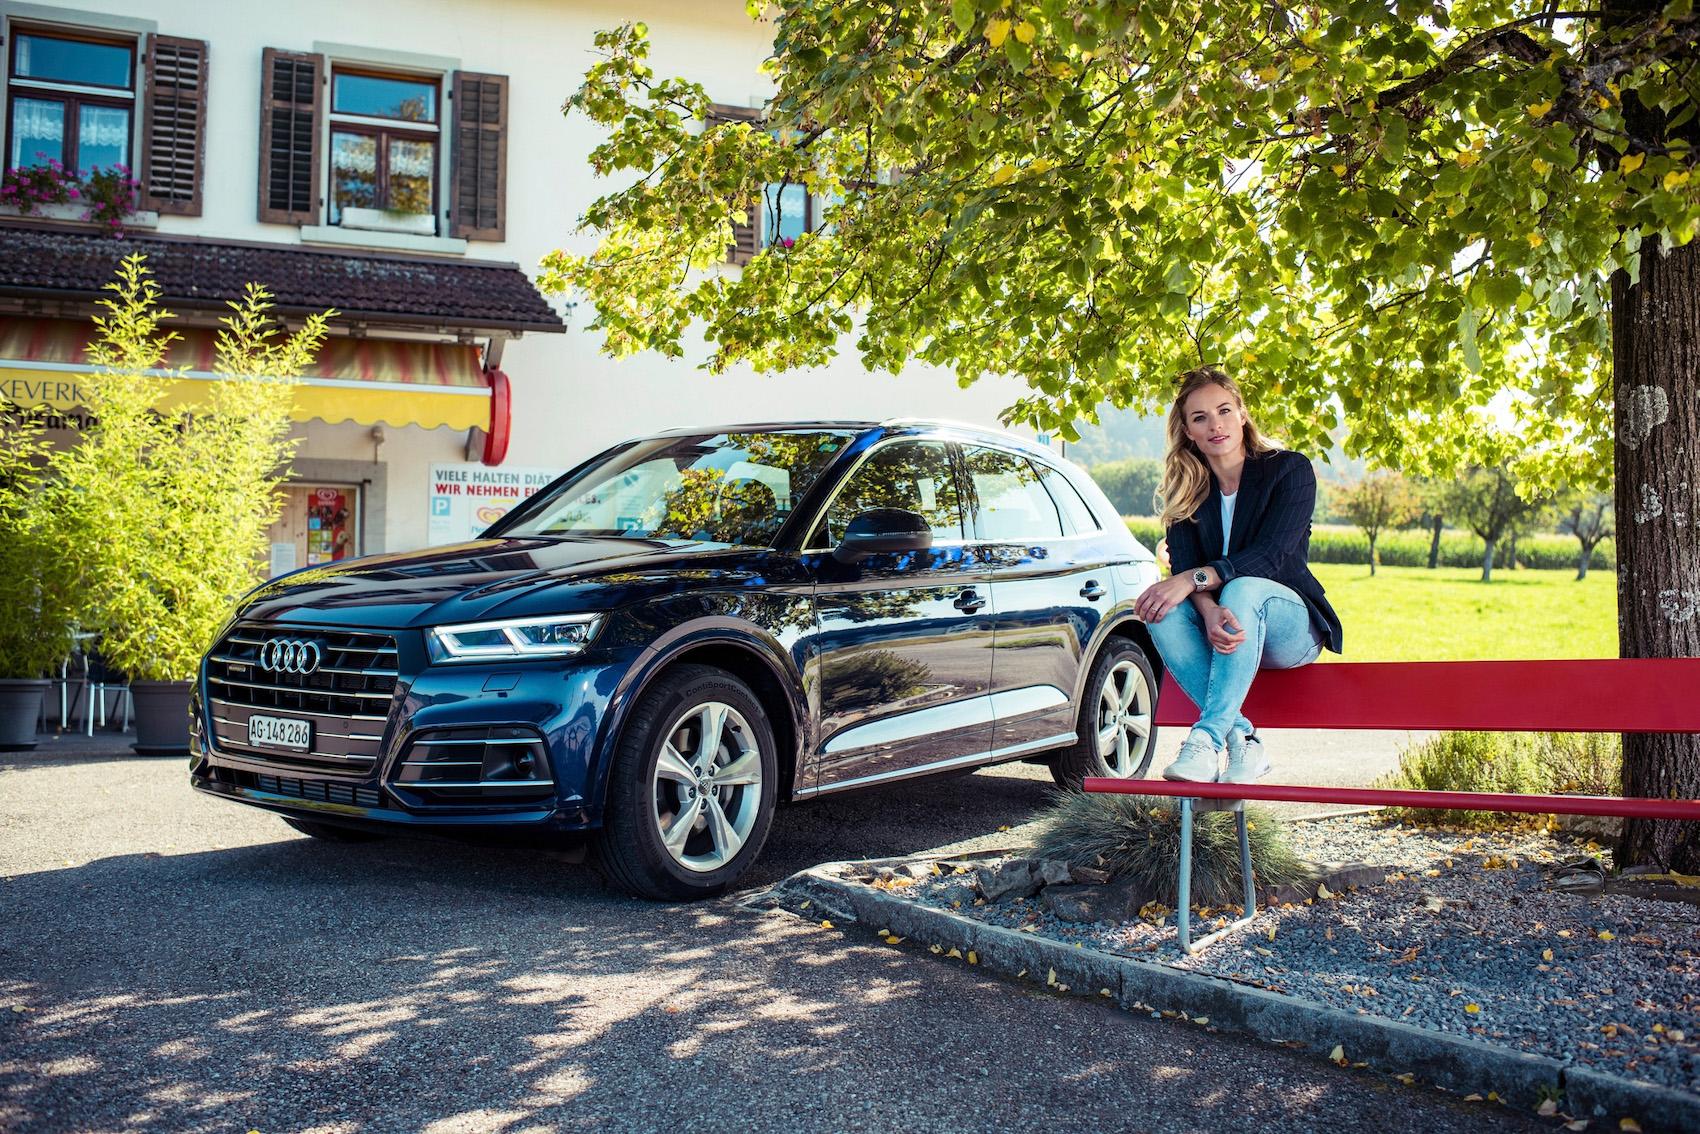 Ideale sia per i viaggi alla scoperta di posti nuovi in campagna, sia nel traffico delle ore di punta: Lara con l'Audi Q5 TFSI e ad Hausen am Albis e nel centro di Zurigo.